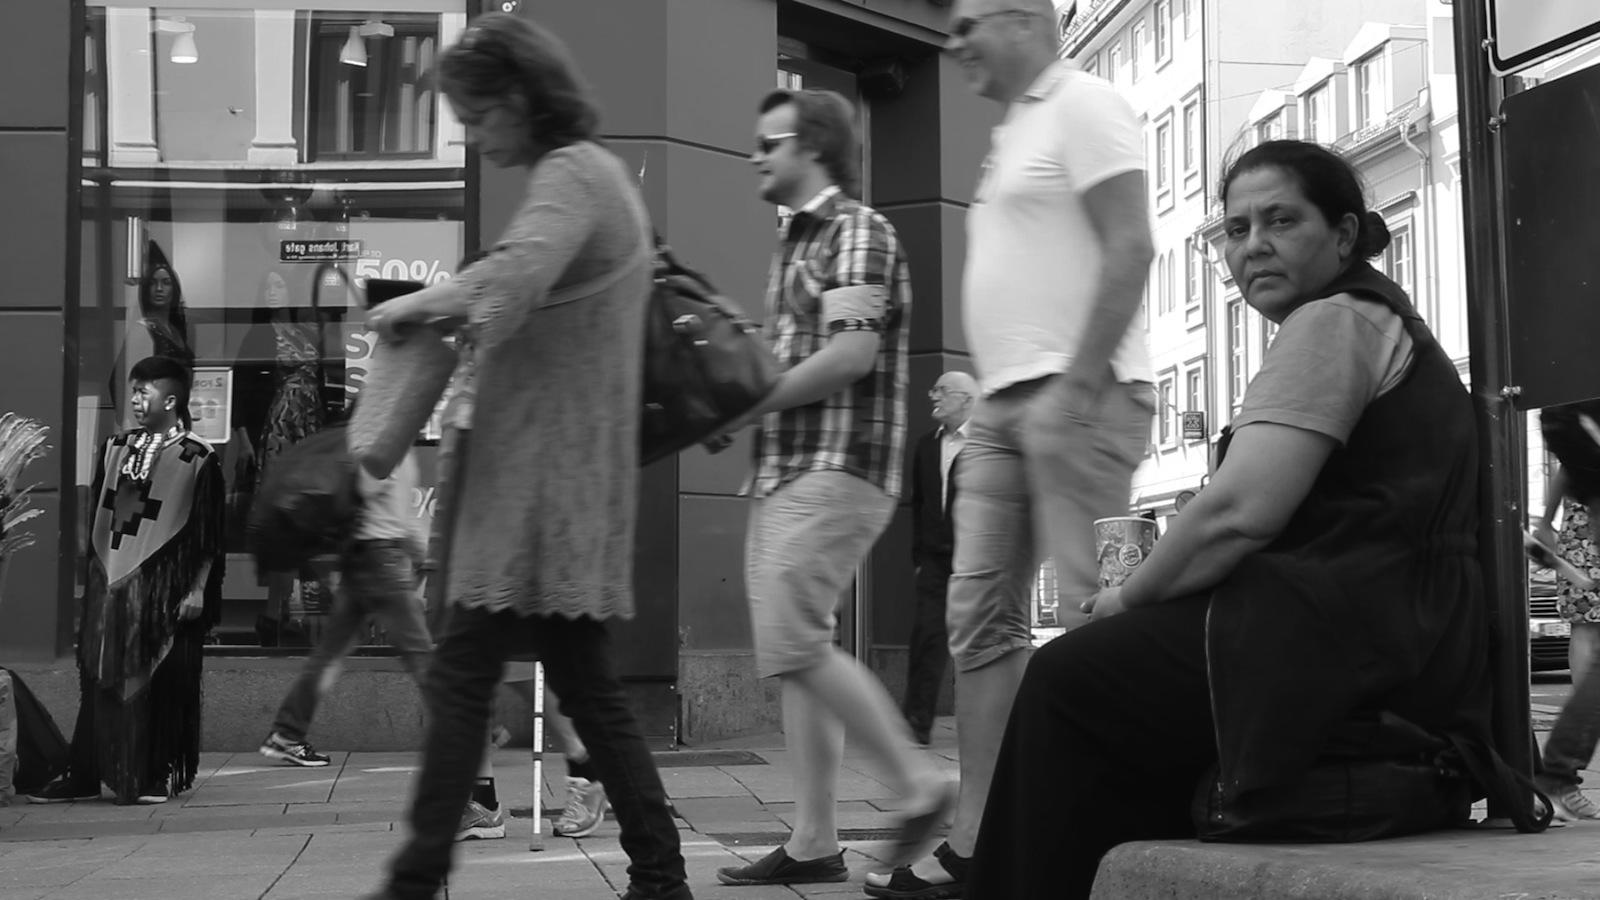 Stillbilde fra filmen DANIELA SA DET HUN SÅ av Janne Hoem.